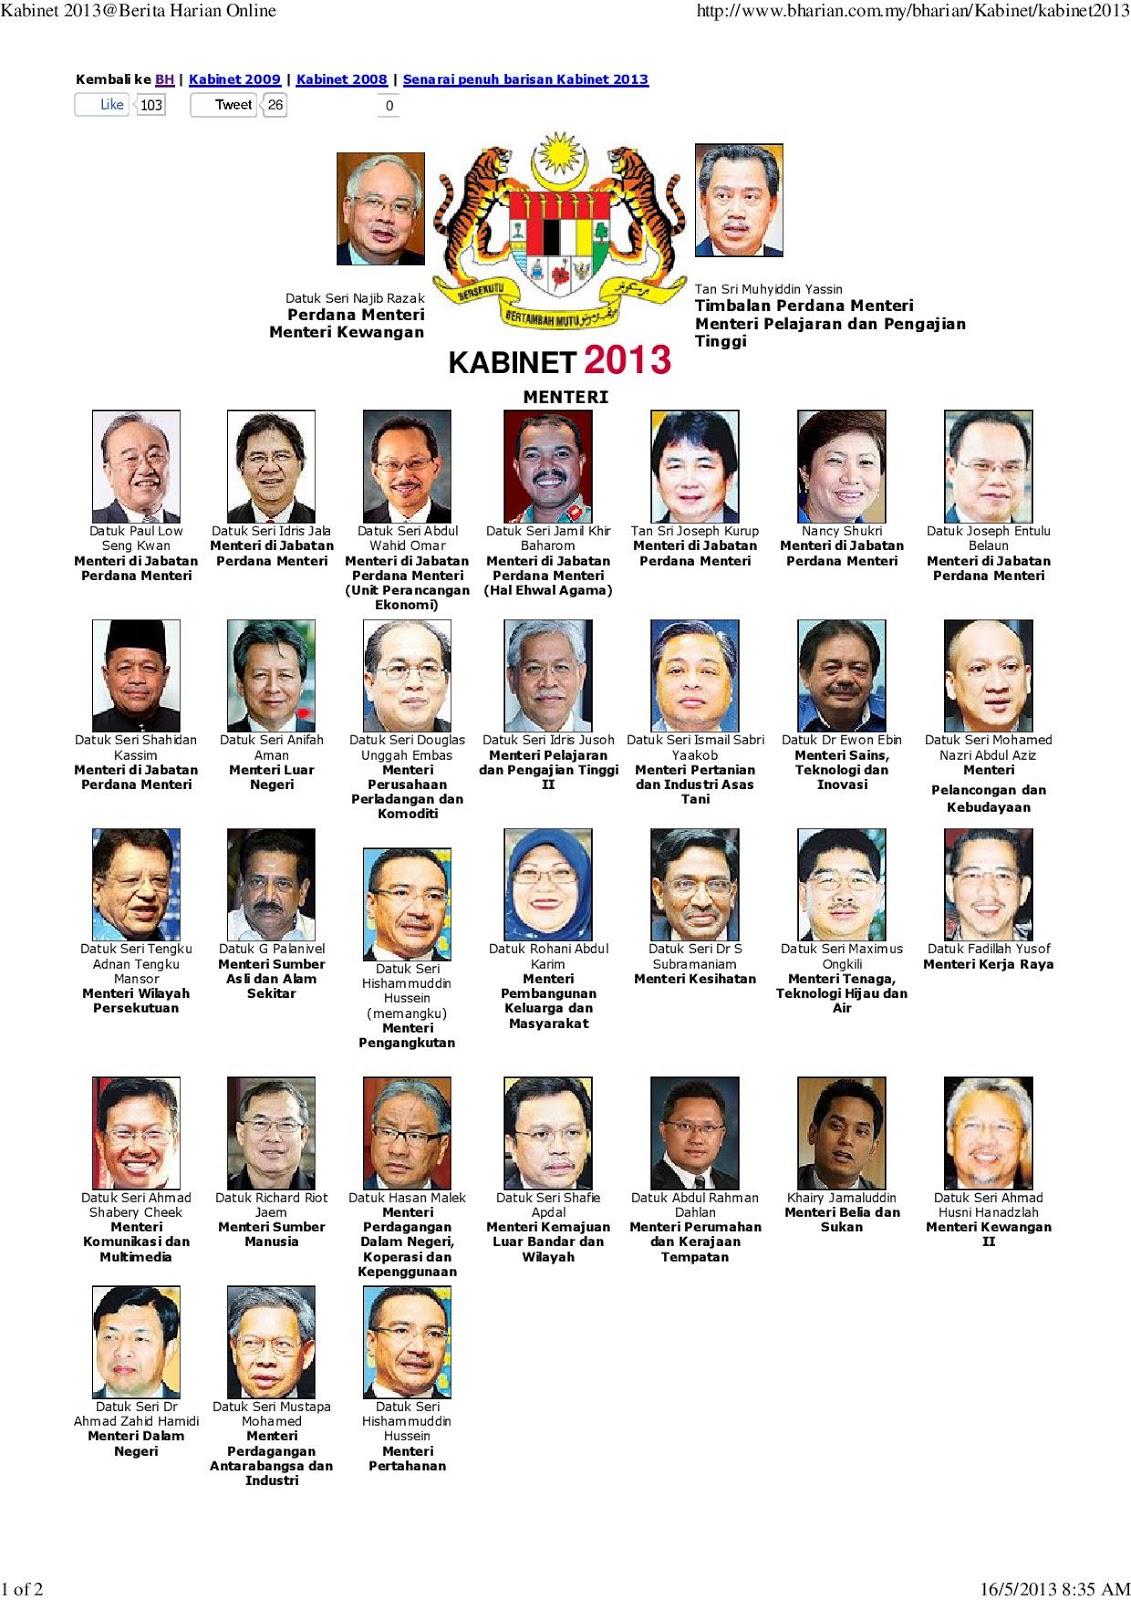 Aku dayat senarai penuh menteri kabinet baru malaysia 2013 - Kabinet multimedia ...